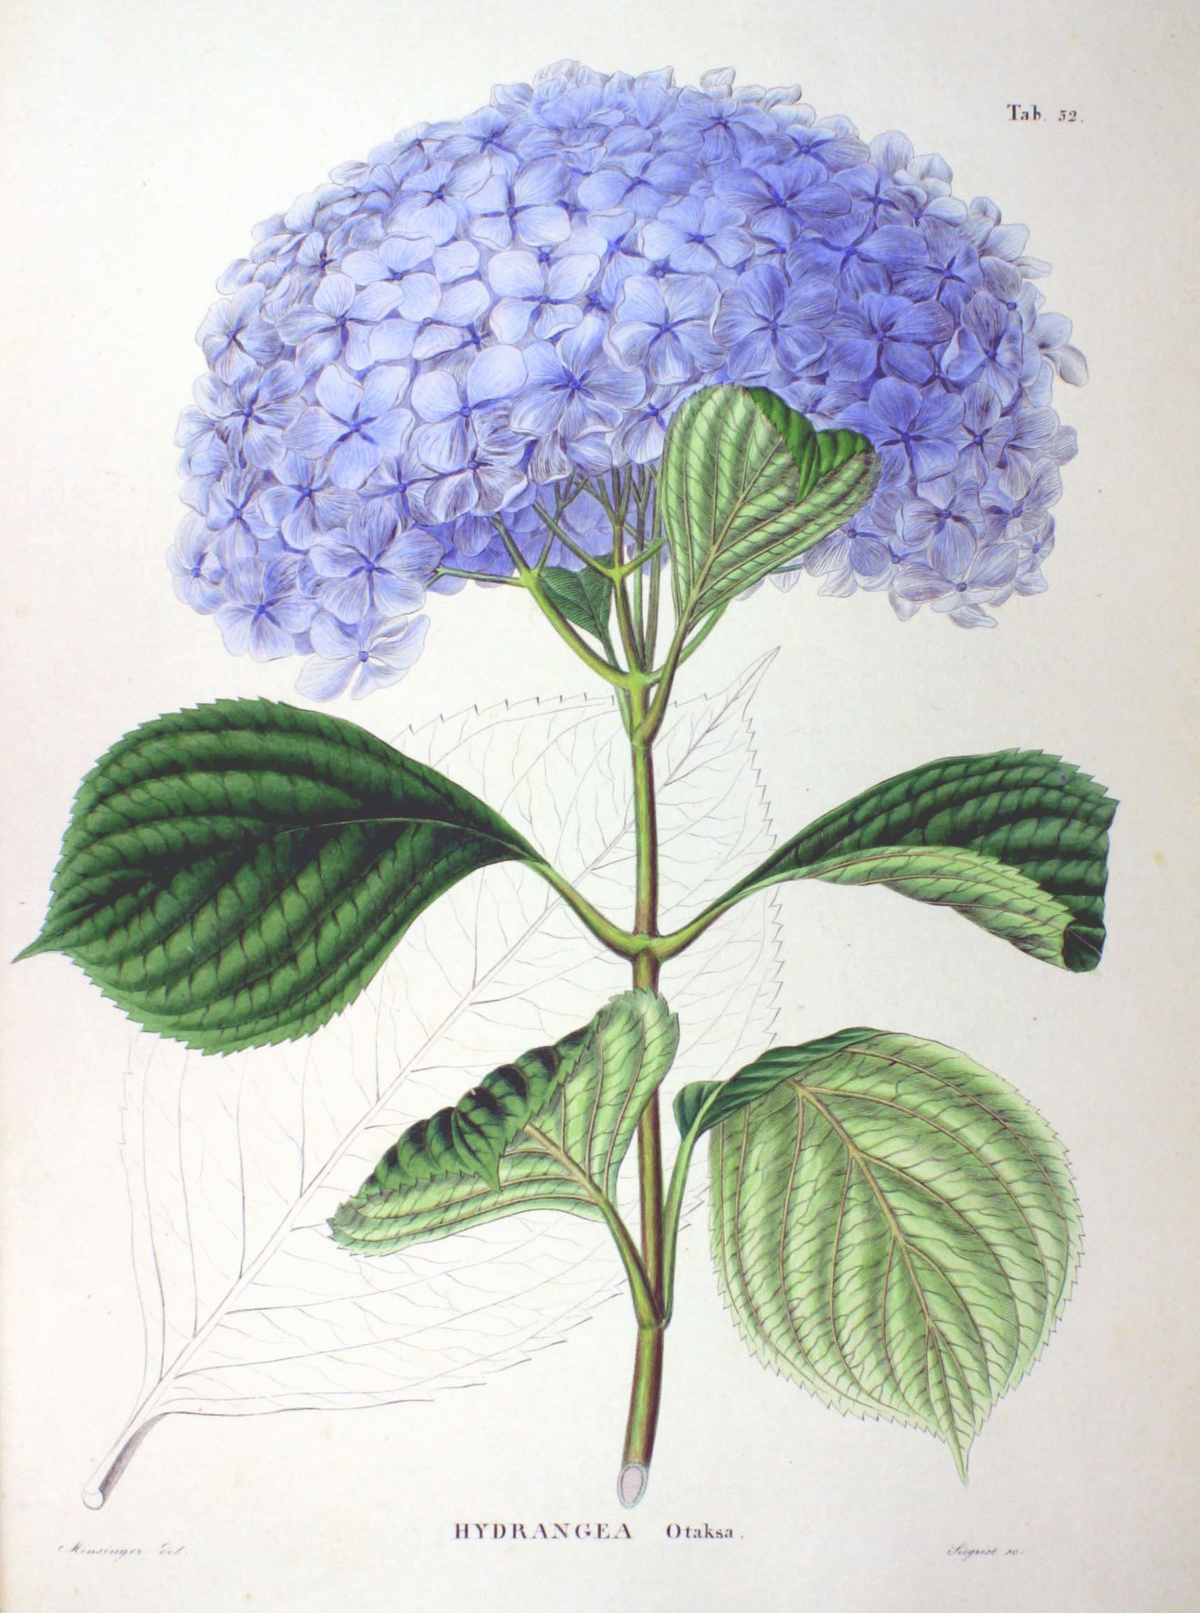 hydrangea macrophylla wikipedia la enciclopedia libre